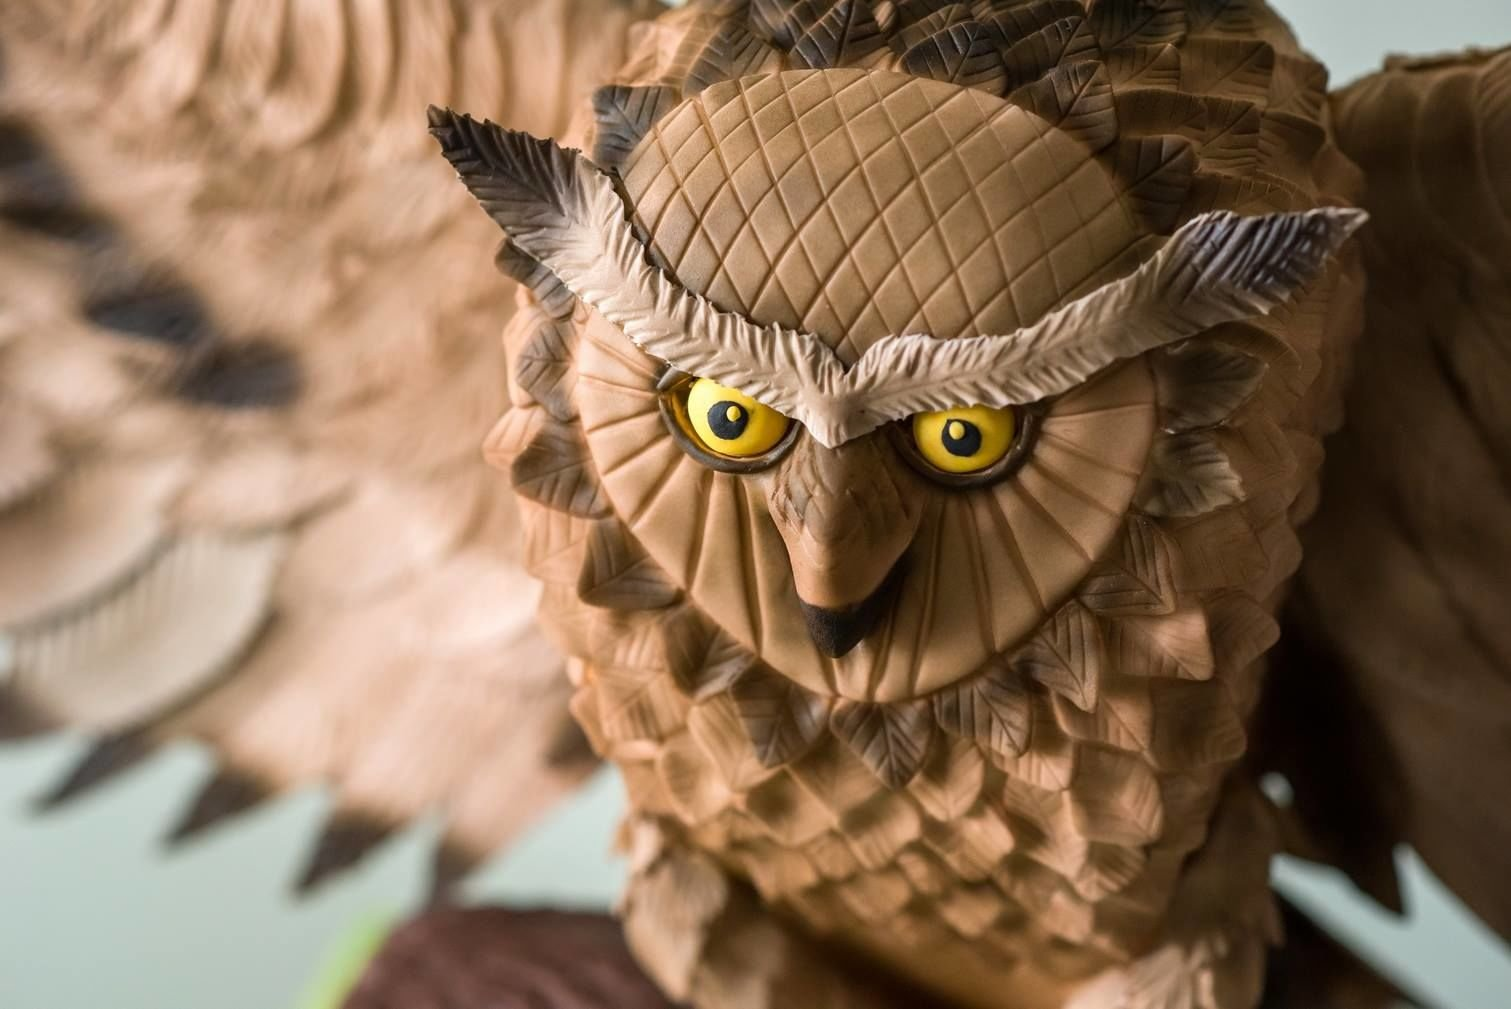 τουρτα απο ζαχαροπαστα (The Owl) Χρυσό Βραβείο στο Πανελλήνιο Διαγωνισμό Expotrof 2017, ζαχαροπλαστείο καλαμάτα madamecharlotte.gr, birthday cakes 2d 3d confectionery patisserie kalamata